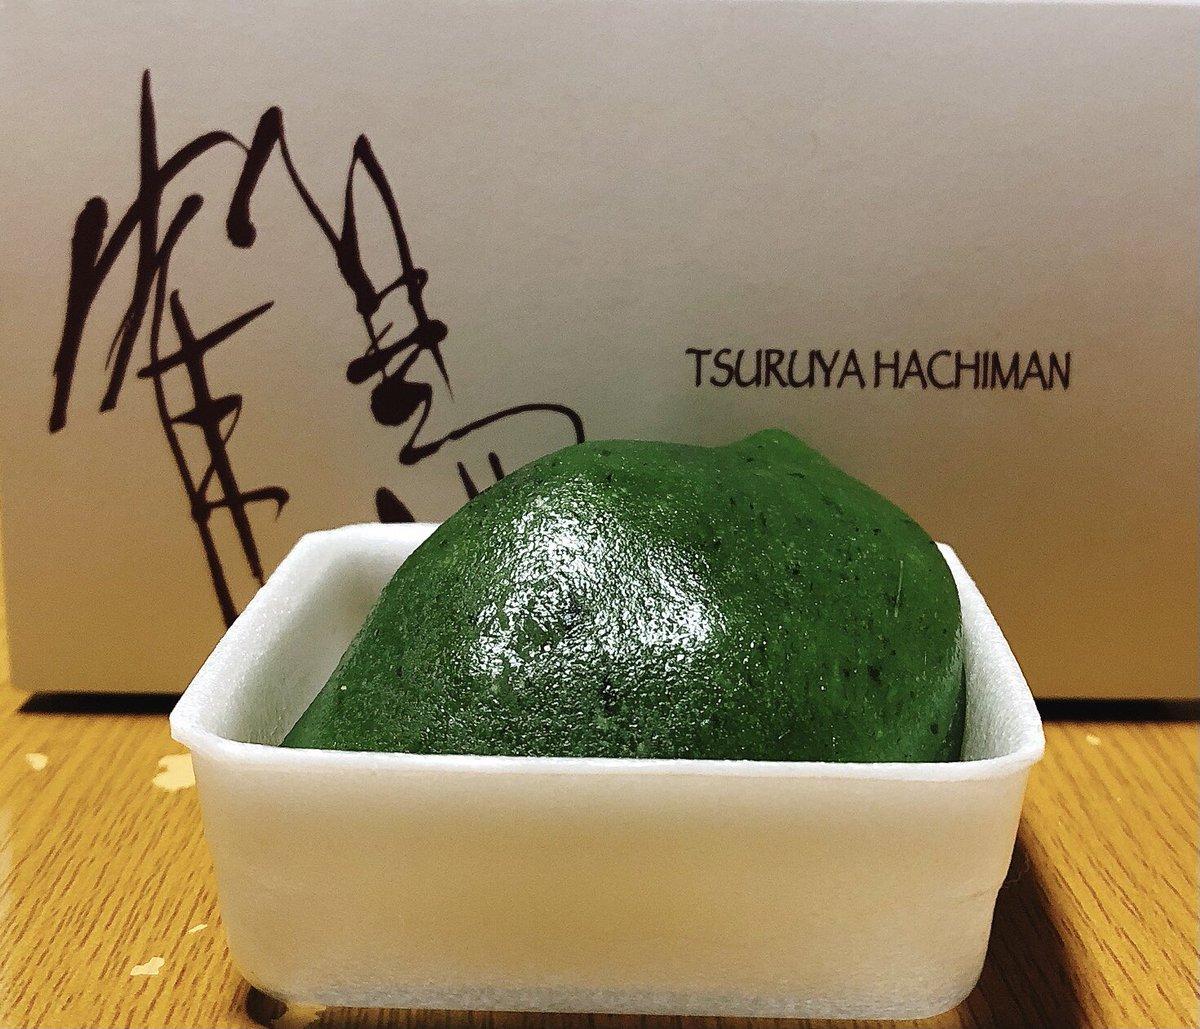 test ツイッターメディア - 桜餅が美味しかった鶴屋八幡さんで「草の春」買いました。ラス1買えて良かった〜!美味しかった〜!ヽ(。>▽<。)ノ  #阪神百貨店 https://t.co/r9XuHilmBI